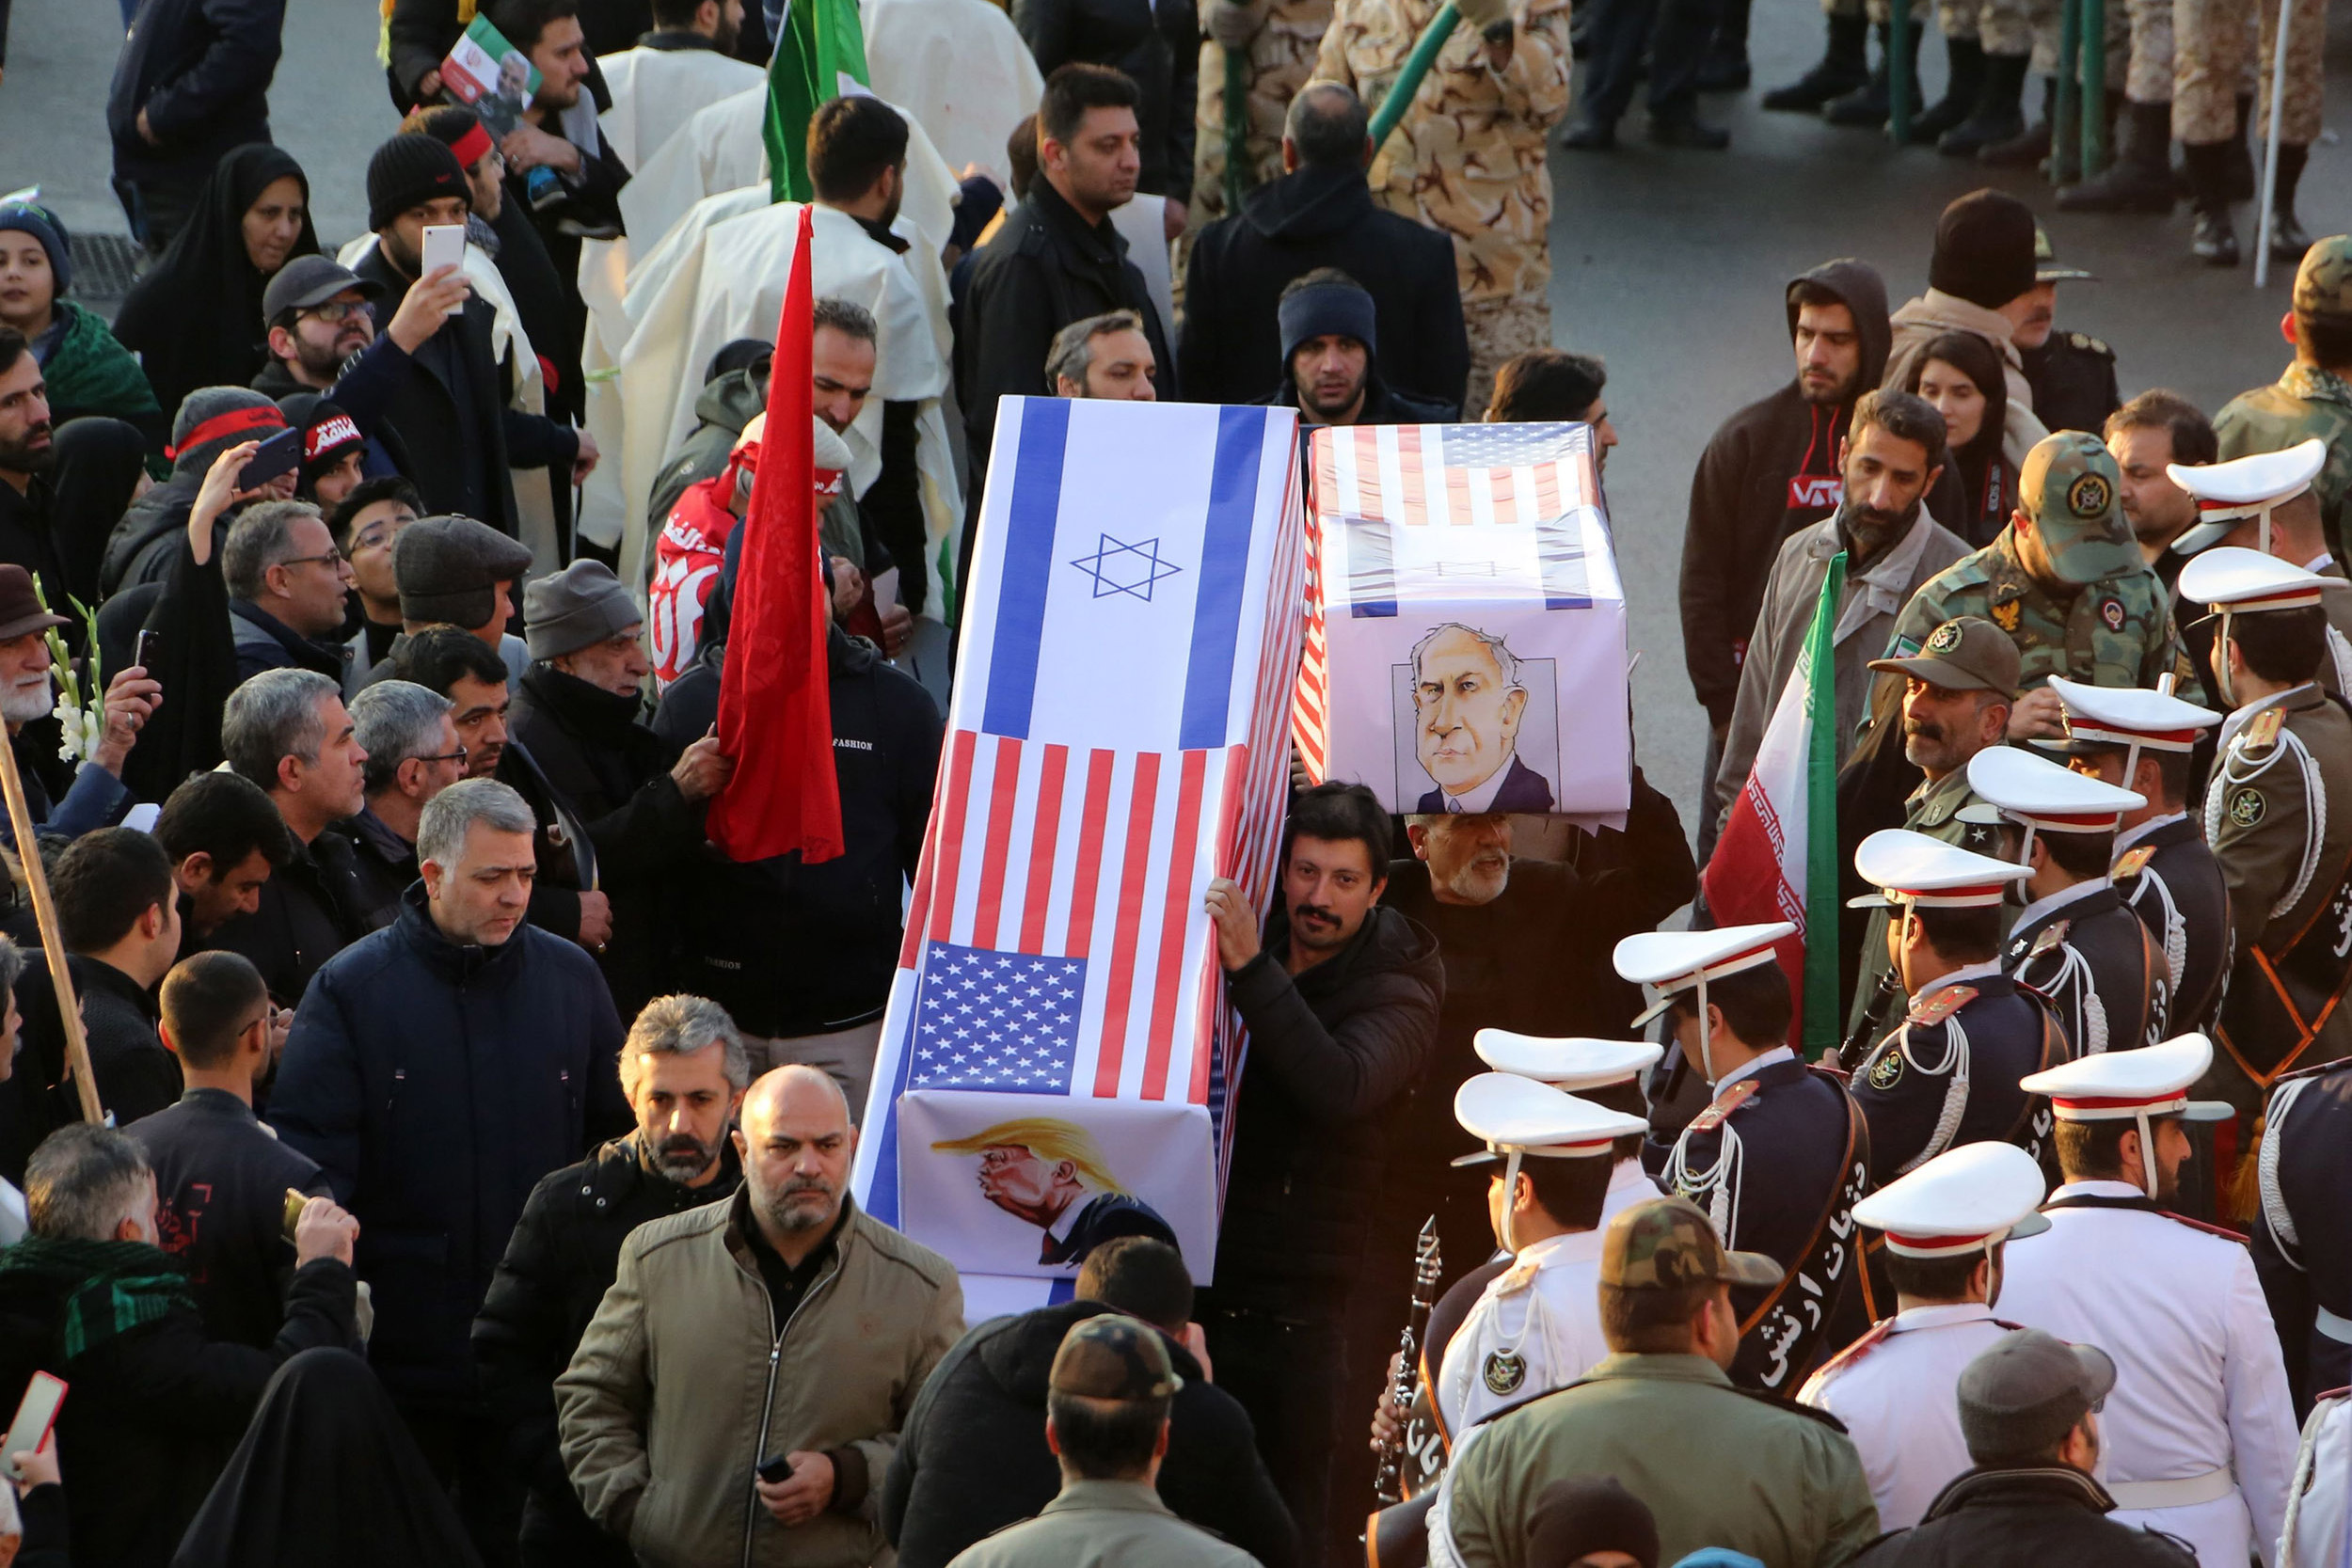 Иранци носе ковчег прекривен заставама Израела и САД-а и прелепљен сликама Доналда Трампа и Бенјамина Нетанјахуаа, Техеран, 06. јануар 2019. (Фото: TTA KENARE/AFP via Getty Images)